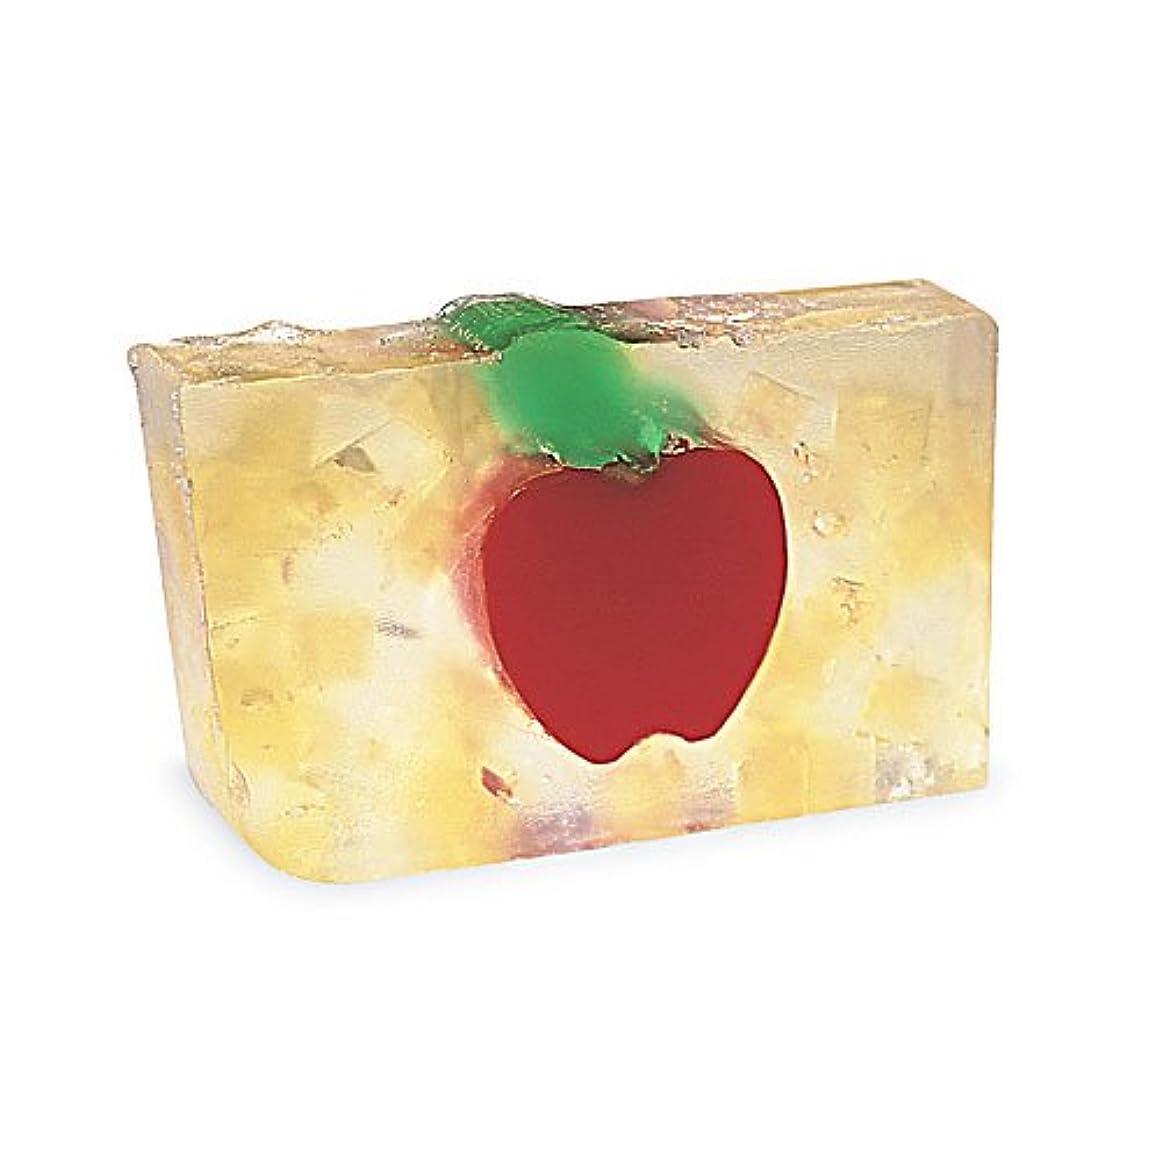 時ドループありふれたプライモールエレメンツ アロマティック ソープ ビッグアップル 180g 植物性 ナチュラル 石鹸 無添加